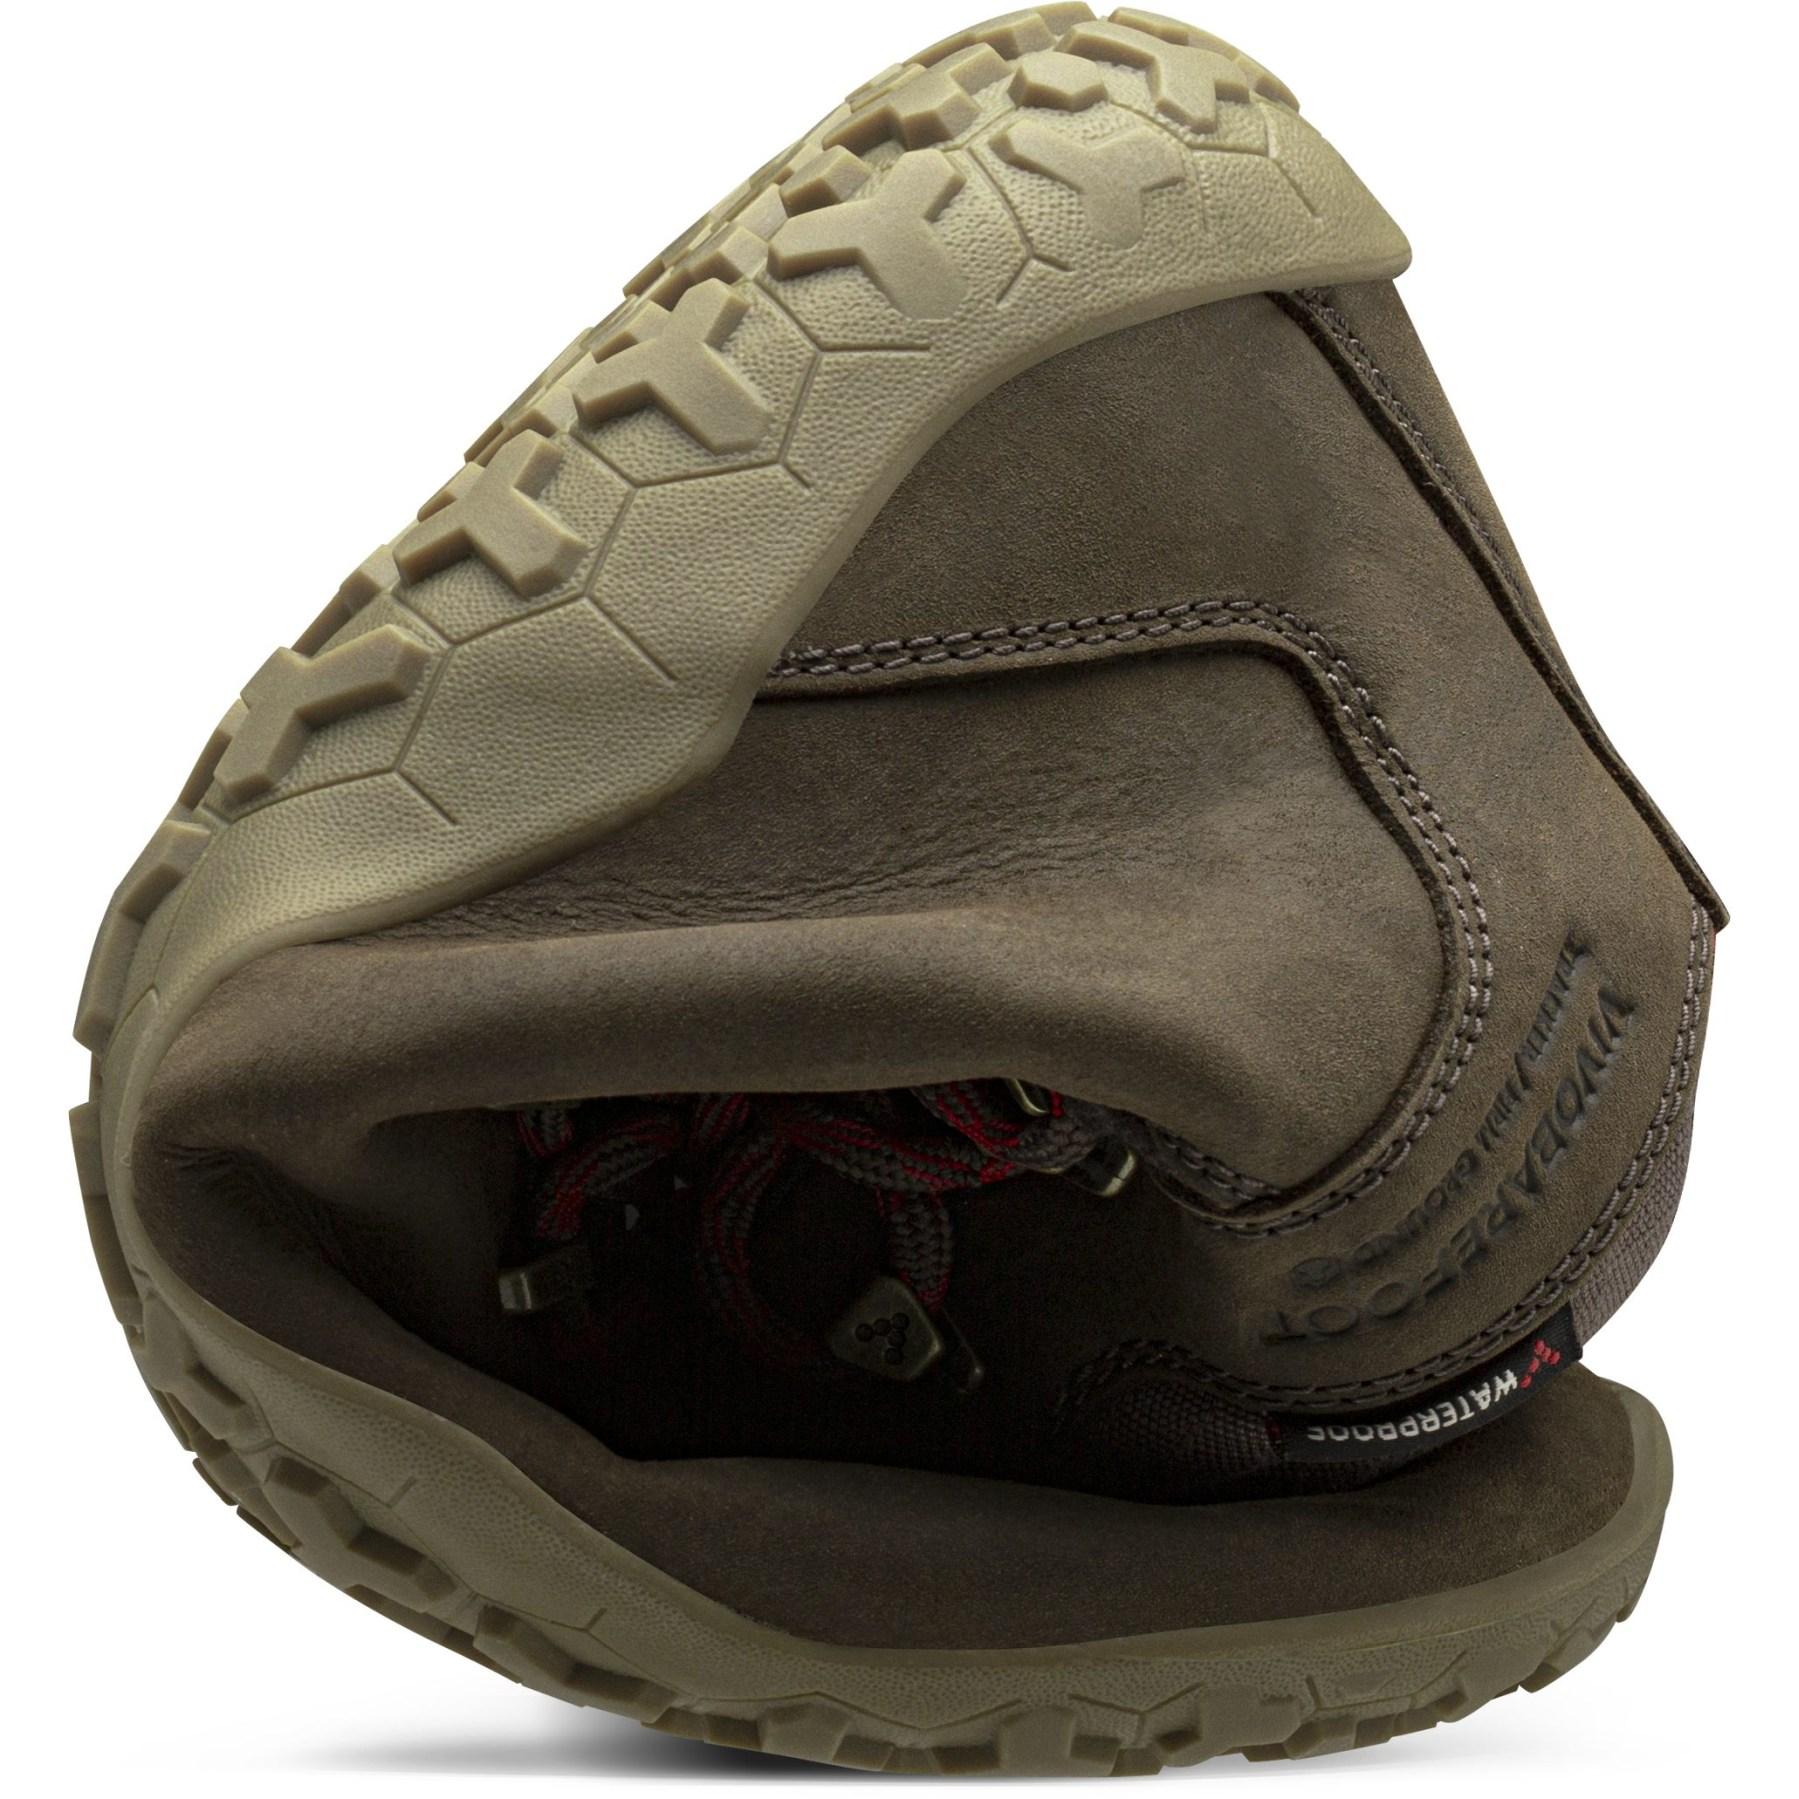 Bild von Vivobarefoot Tracker II FG Herren Barfuß Schuh - Bracken